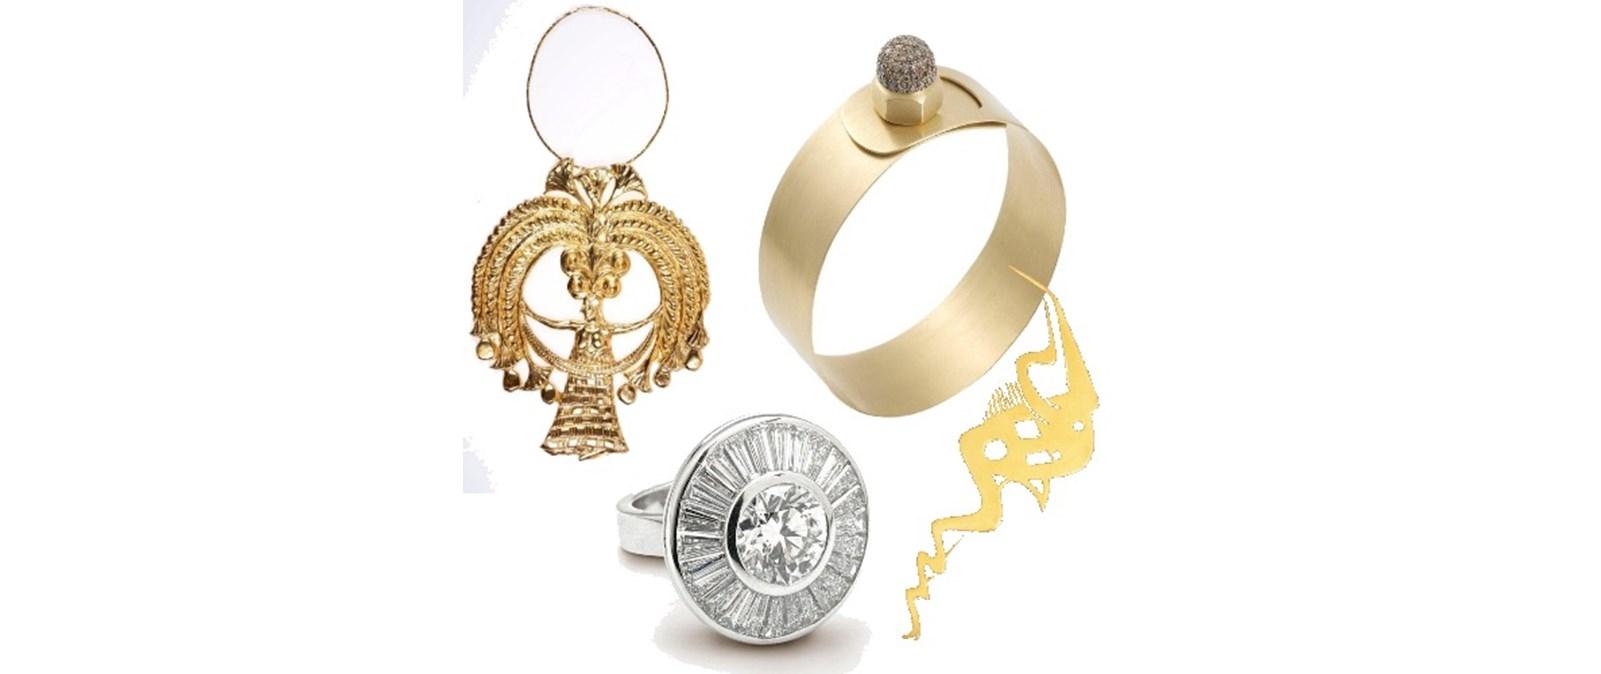 Ελληνικά κοσμήματα με διεθνή καριέρα c165814f55c